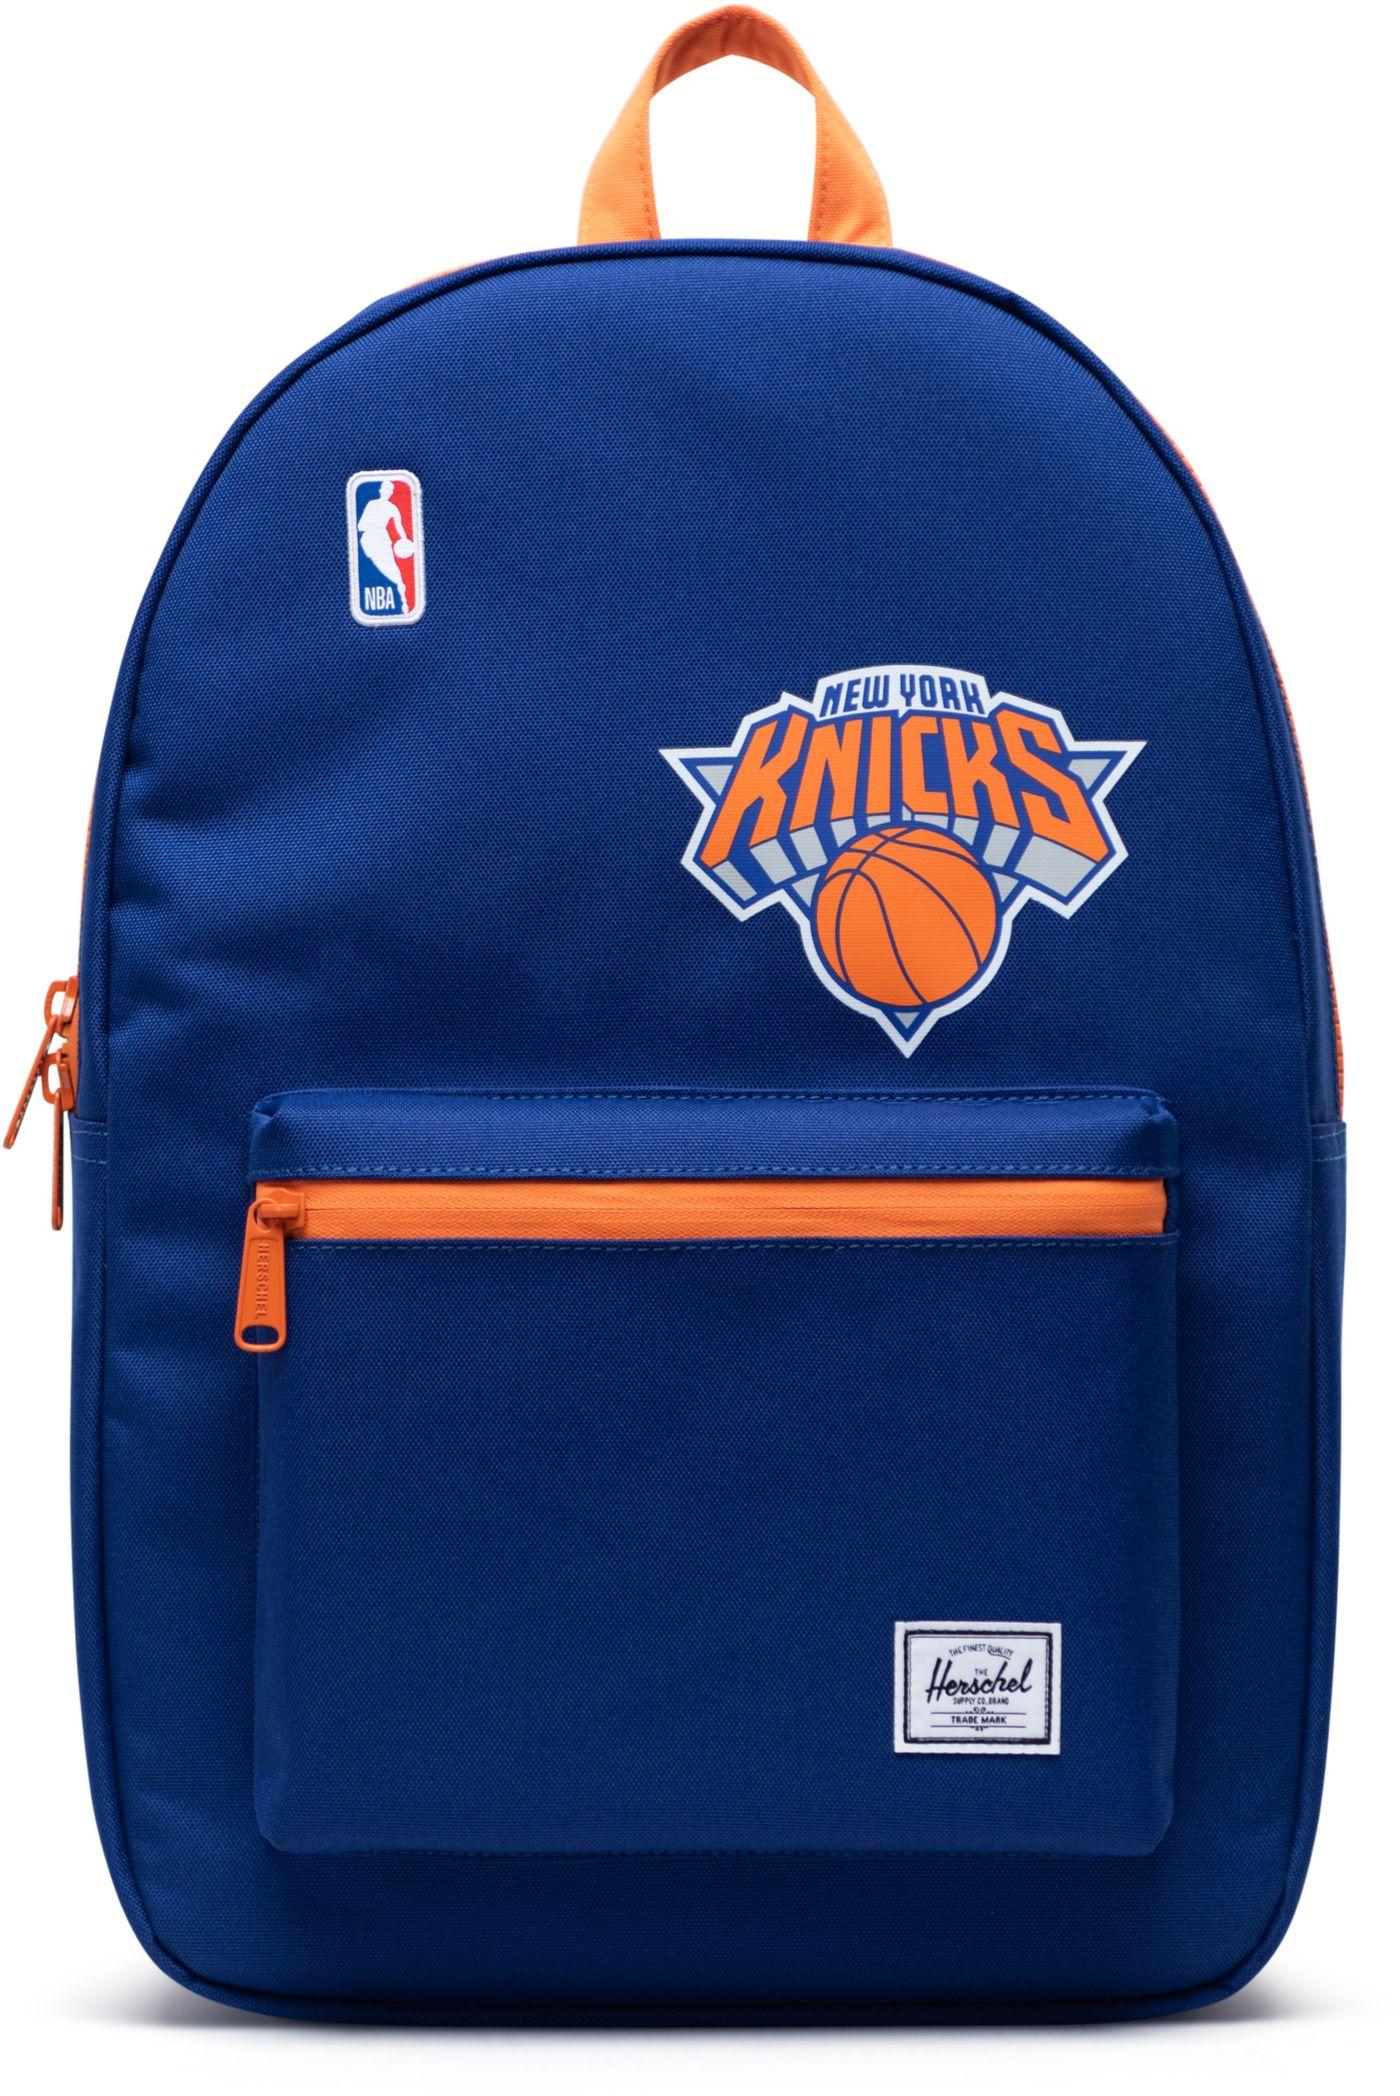 Herschel New York Knicks Blue Backpack